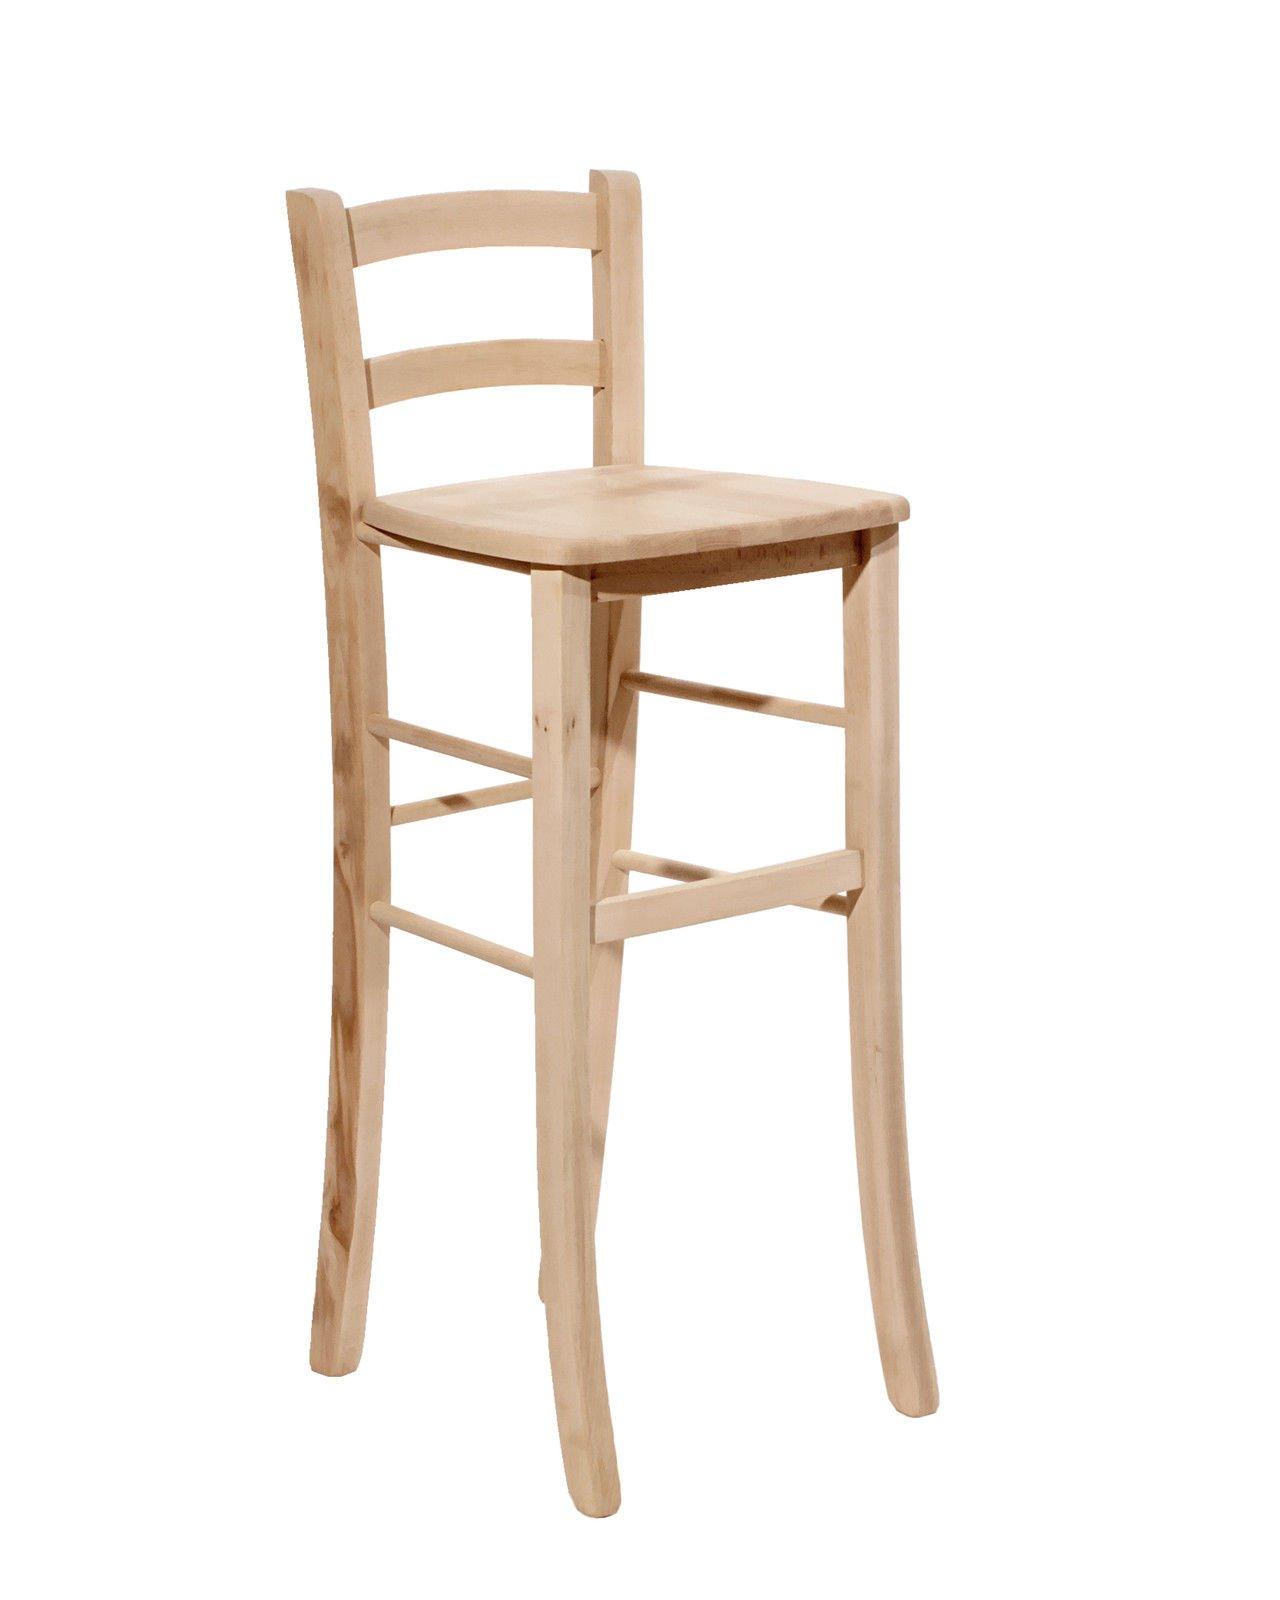 Woodshop Sgabello Sedia in Legno Colore Noce Scuro Altezza 67 cm Seduta Paglia Quadrata